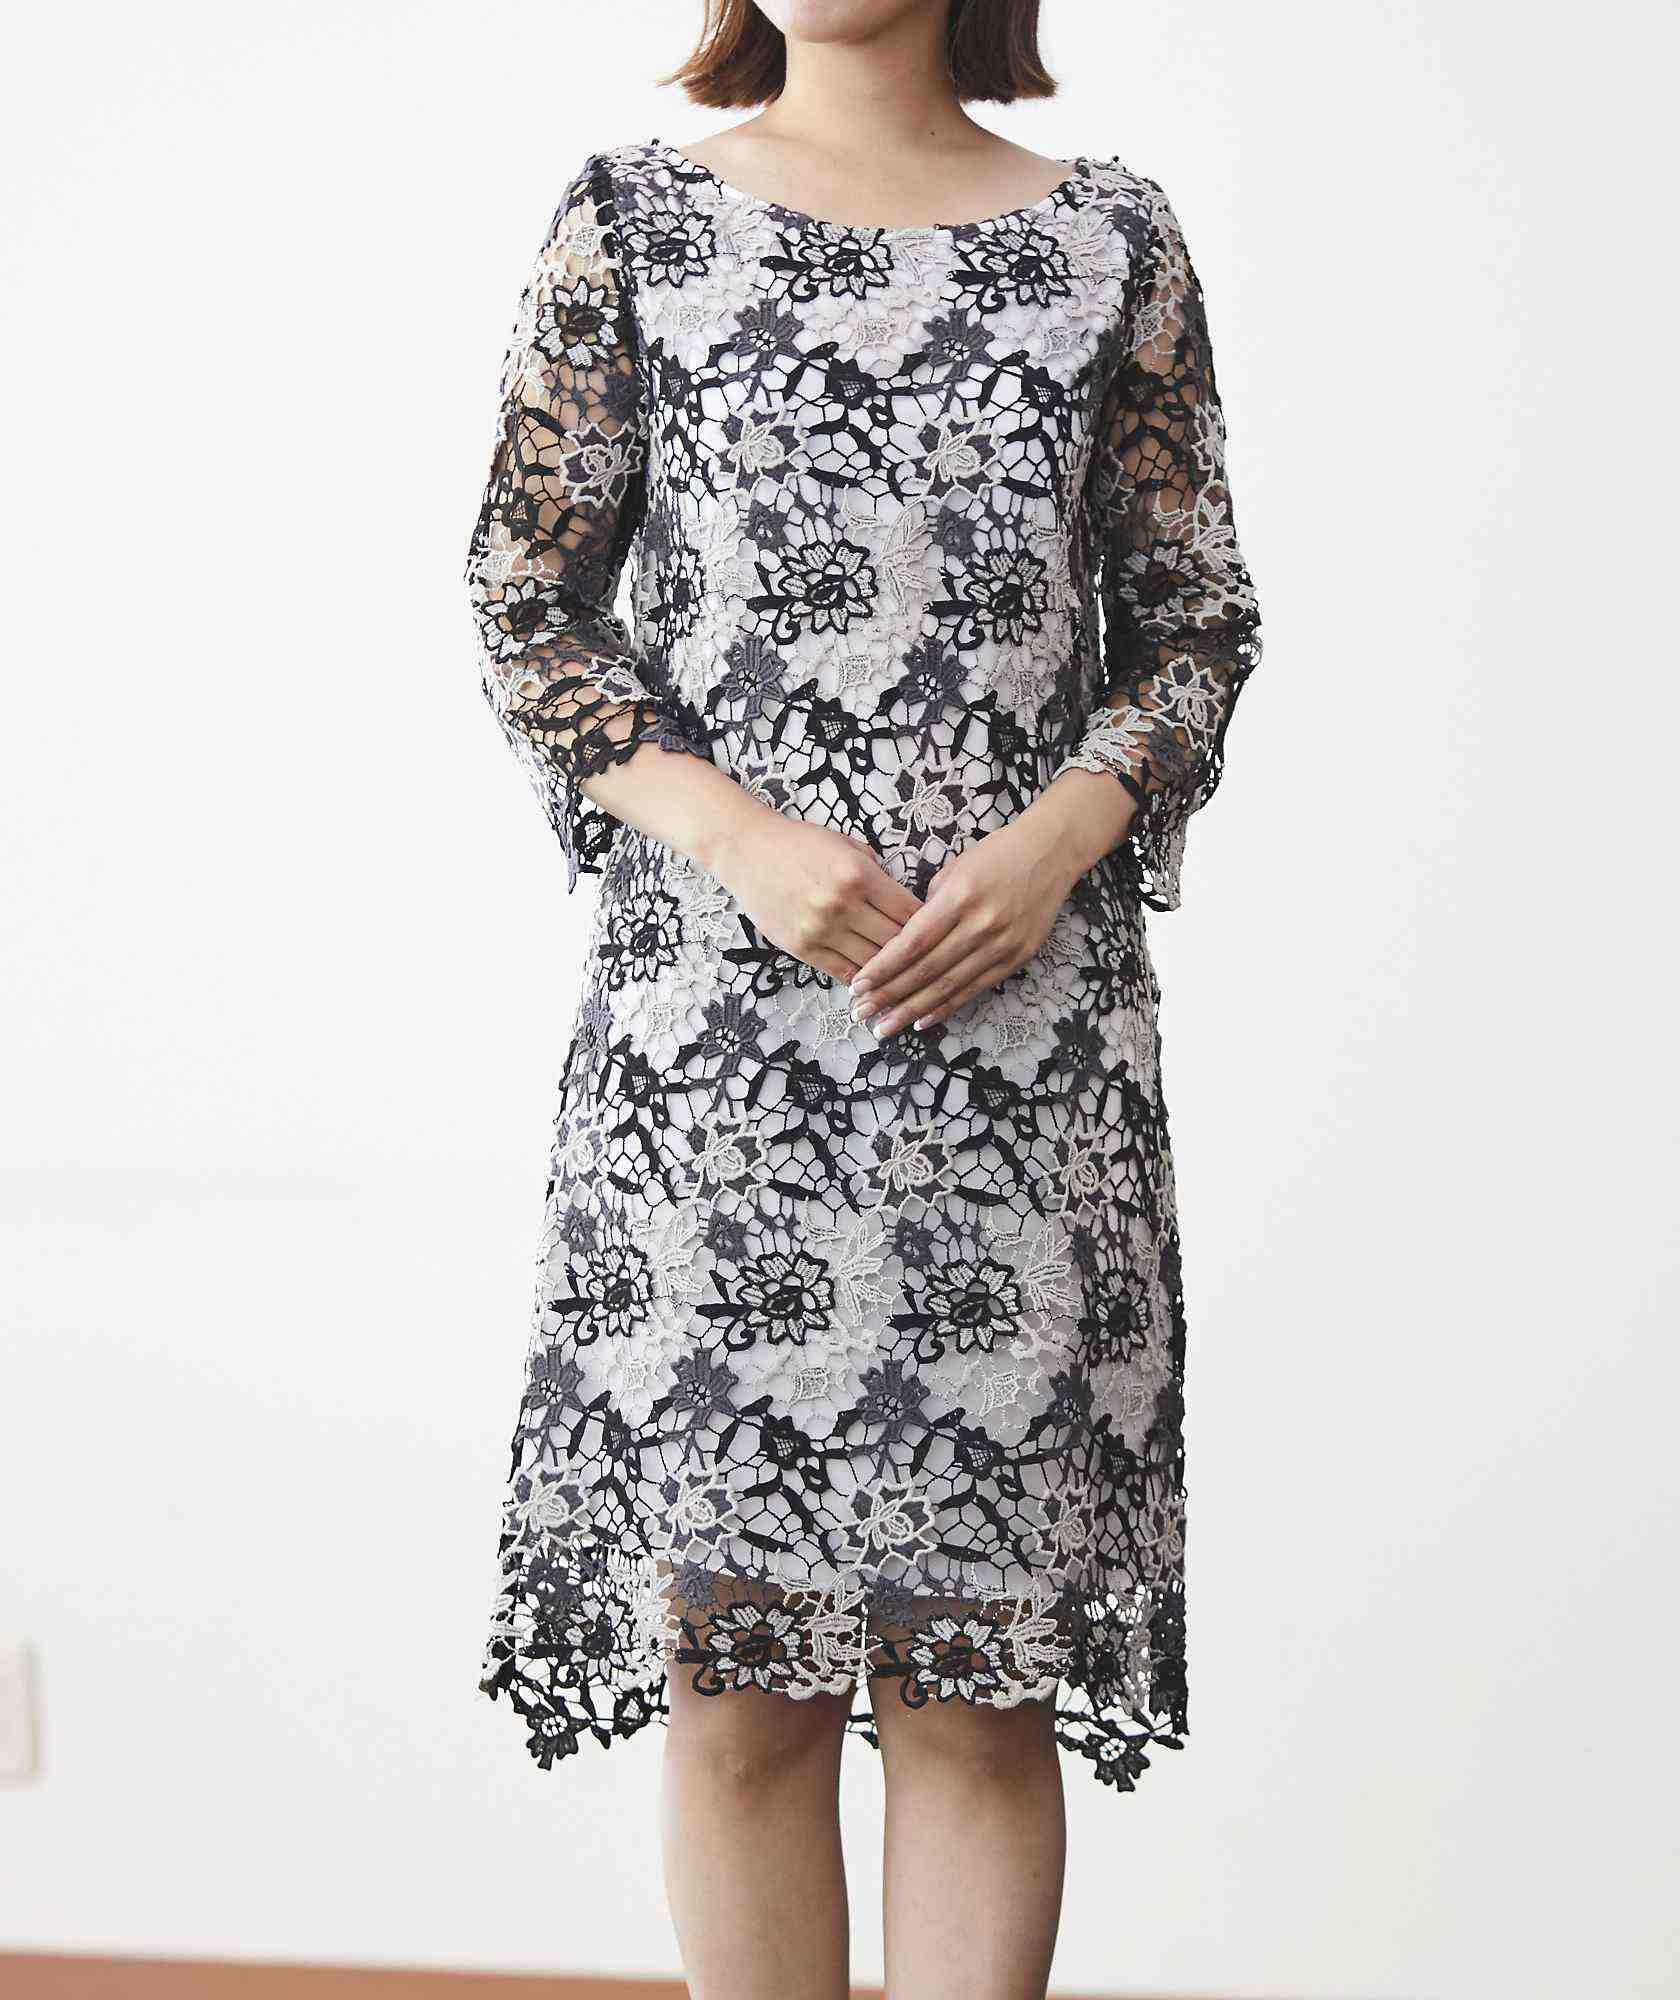 ブラック×ホワイトレースミディアムドレス-ブラック-S